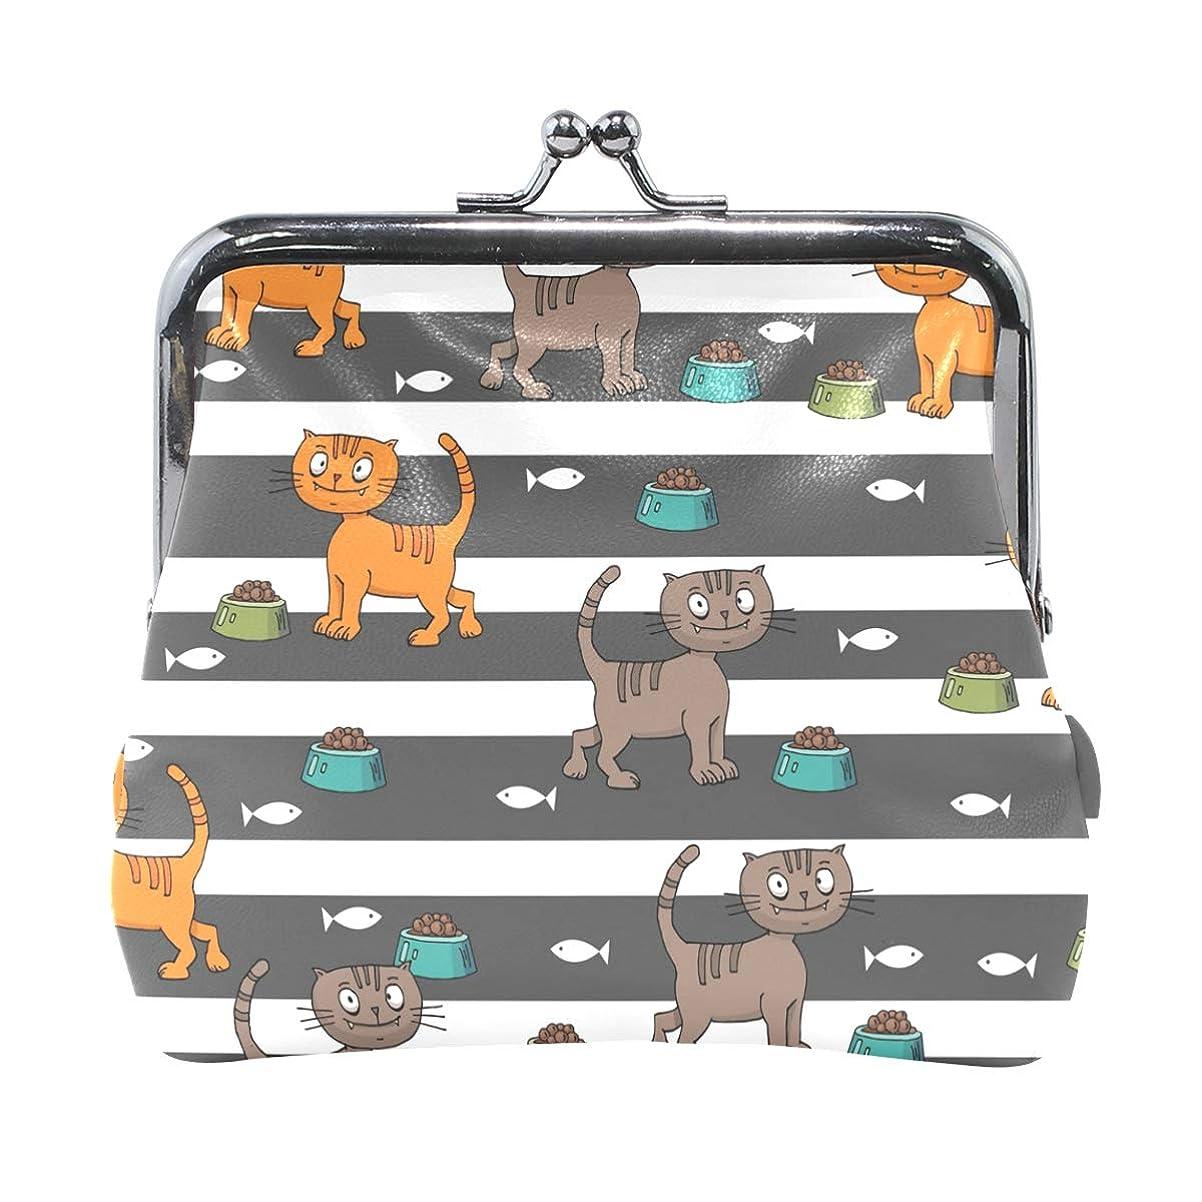 等しい繰り返す一回がま口 財布 口金 小銭入れ ポーチ 猫 ストライプ 可愛い ANNSIN バッグ かわいい 高級レザー レディース プレゼント ほど良いサイズ